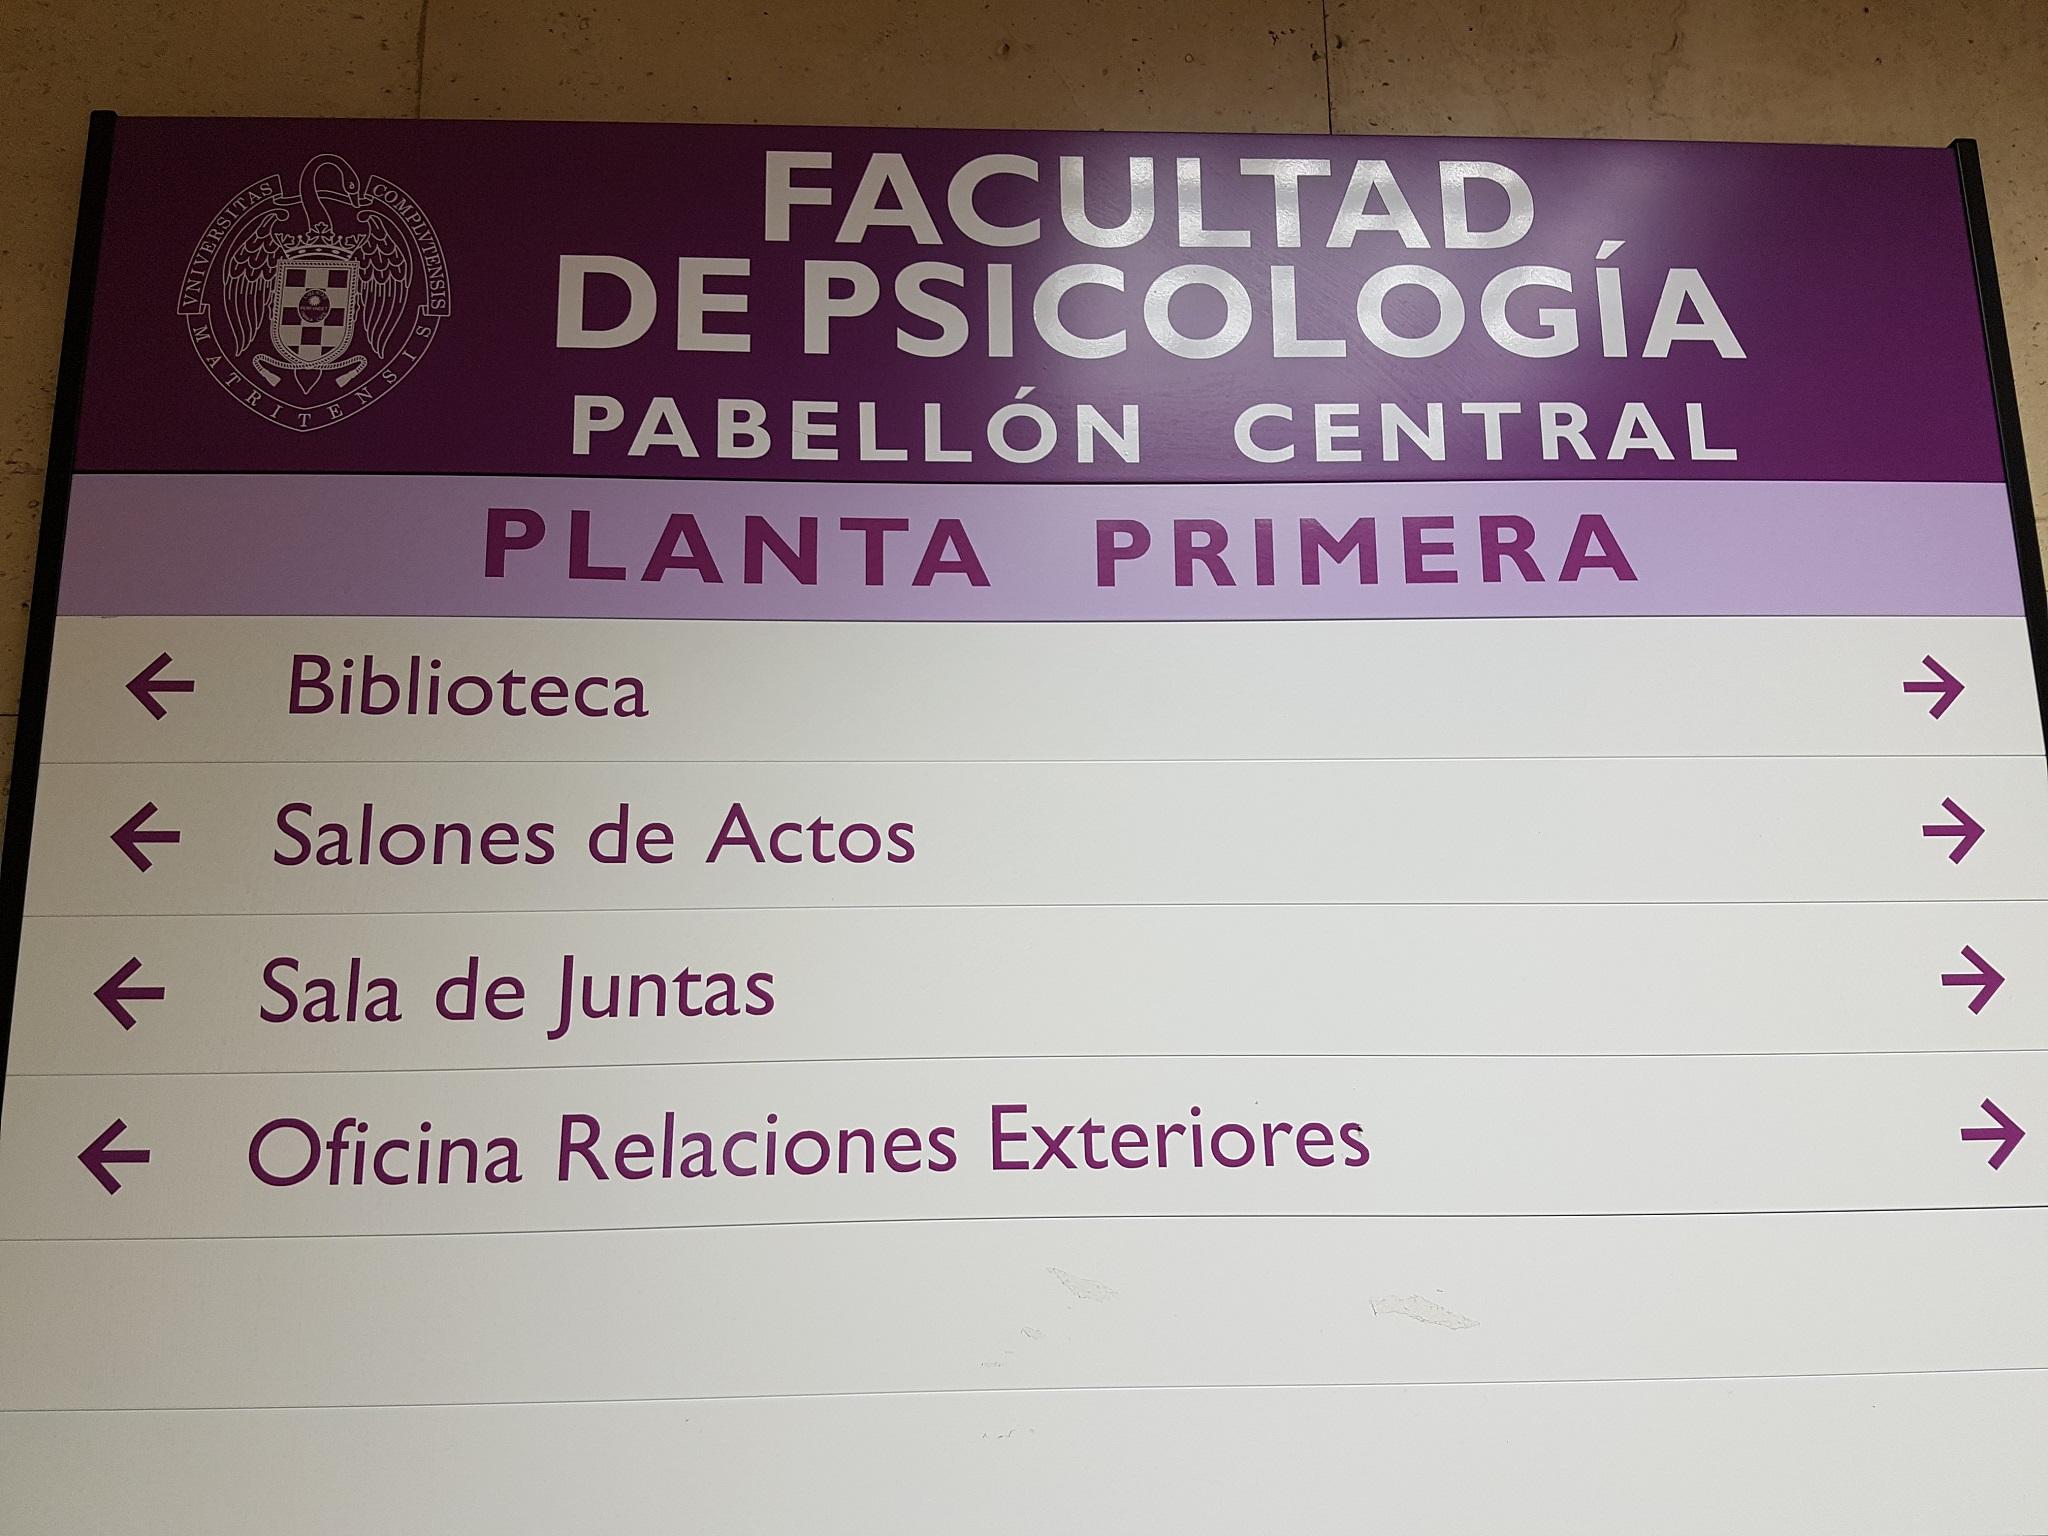 En las facultades de Psicología también se estudia psicoanálisis